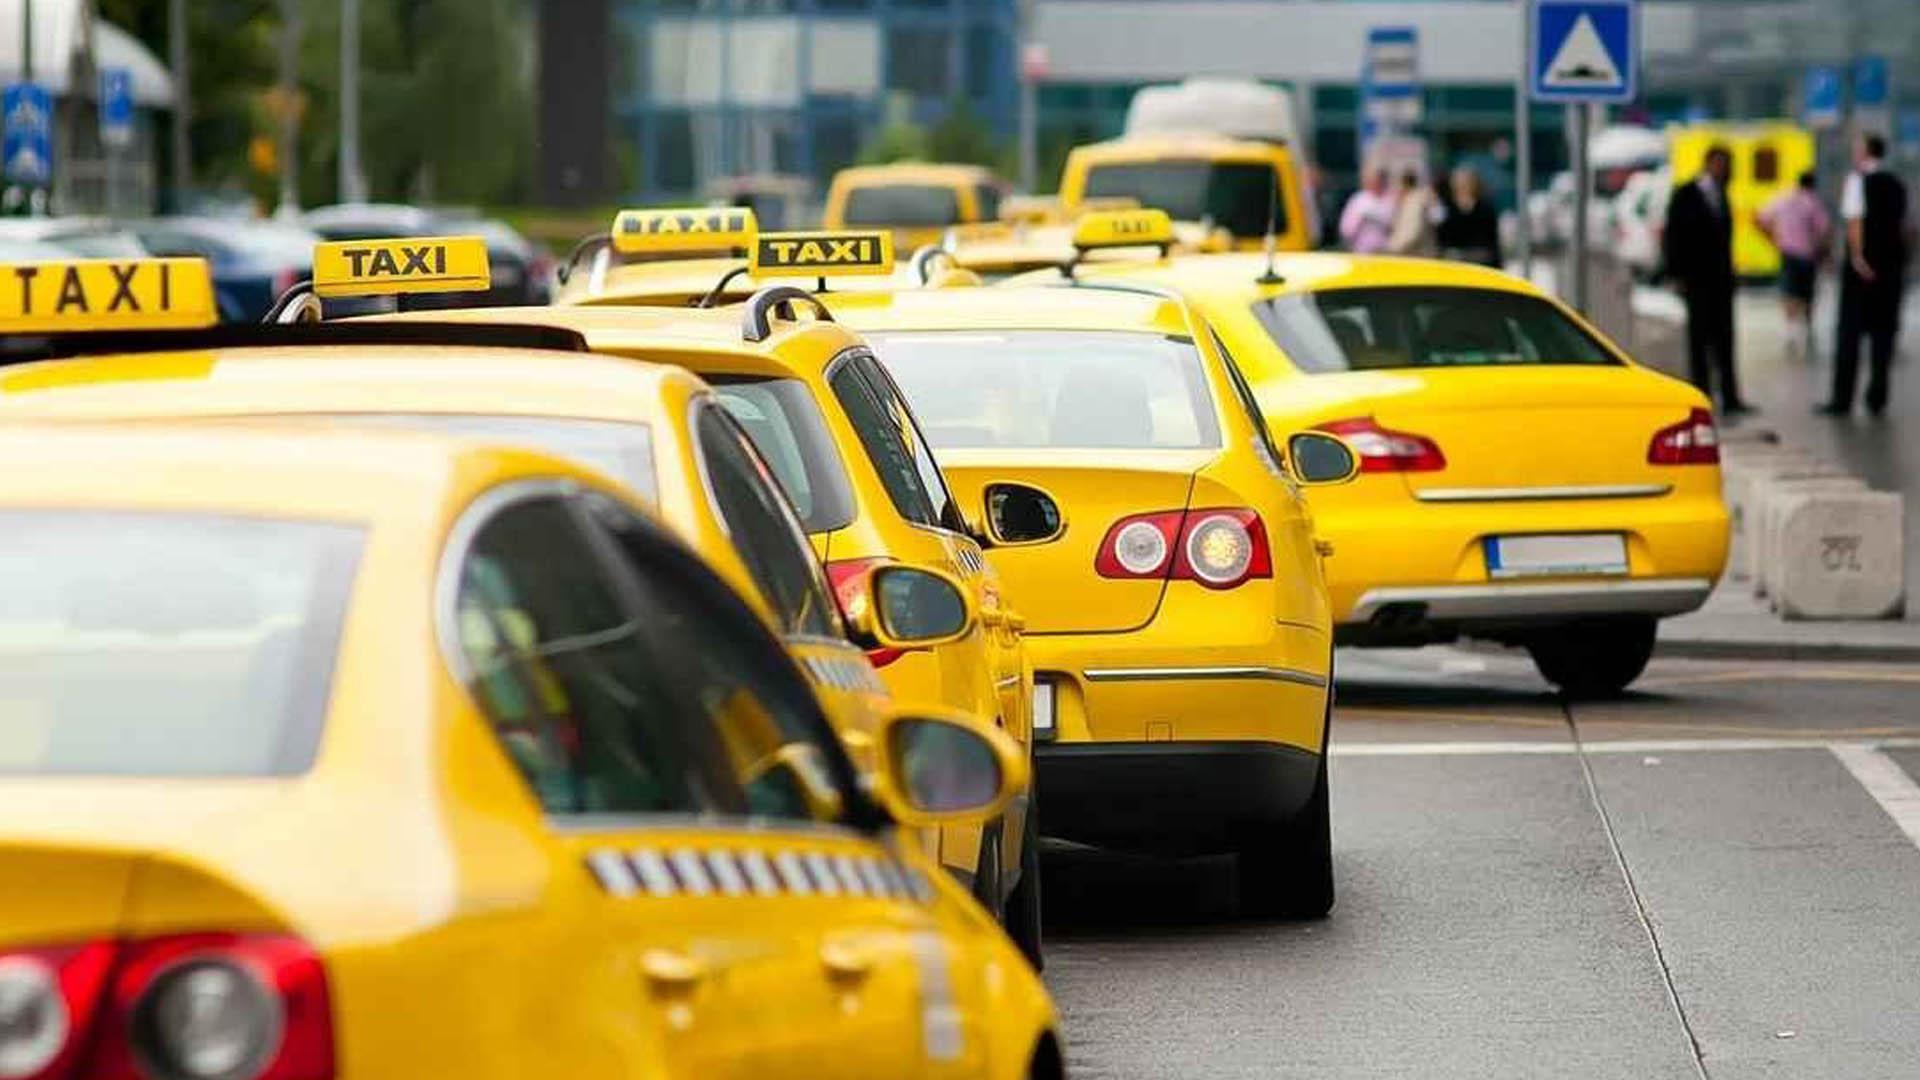 В Туле с 1 июля введут обязательный желтый цвет для такси